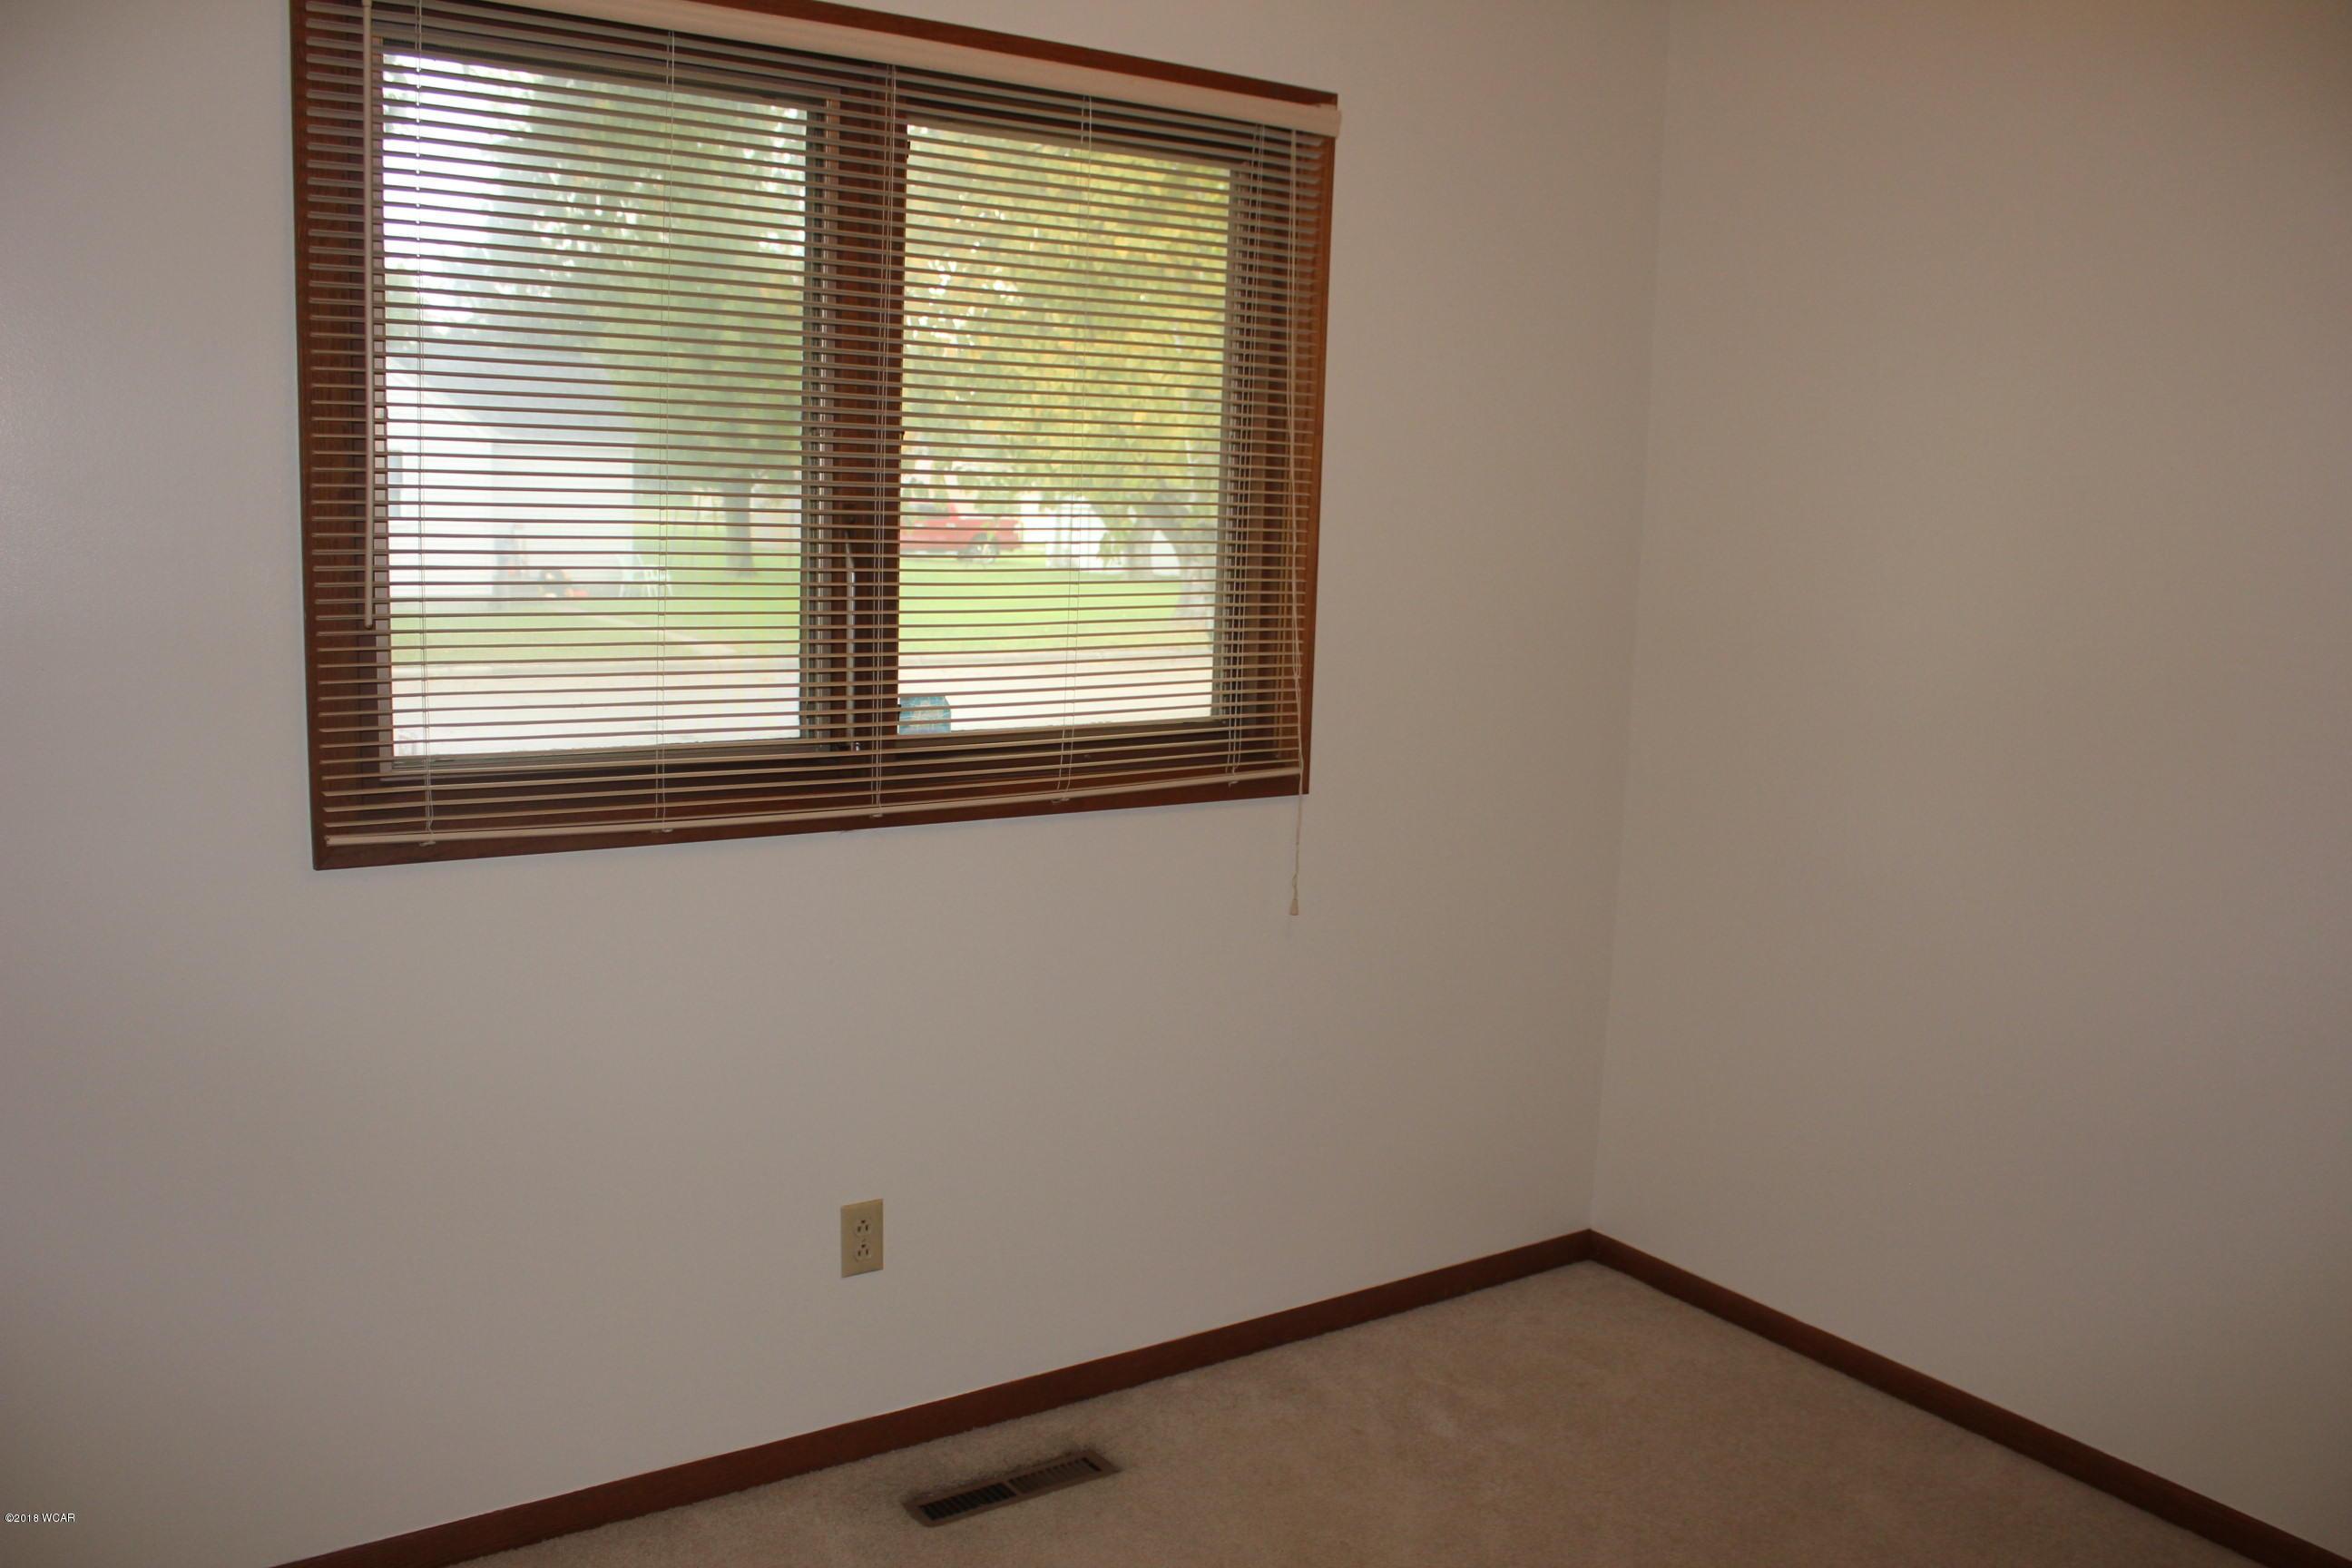 1935 Wisconsin Avenue,Benson,3 Bedrooms Bedrooms,1 BathroomBathrooms,Single Family,Wisconsin Avenue,6032551